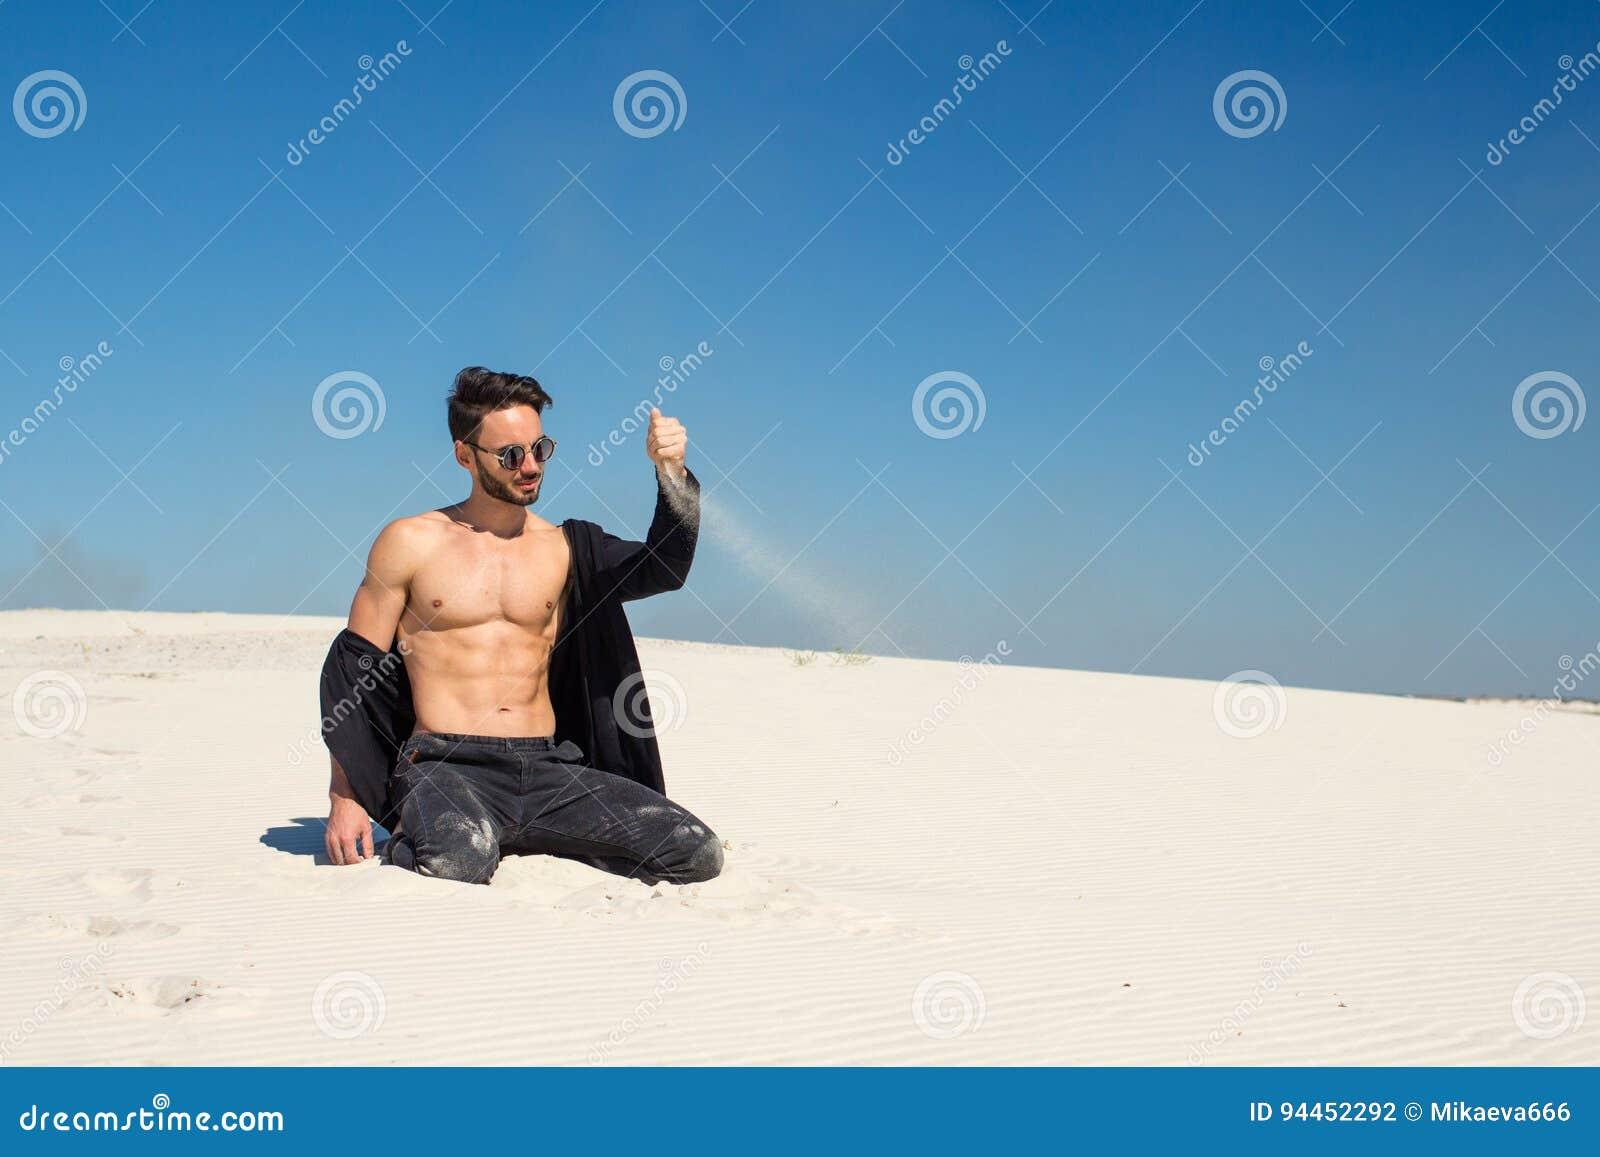 Молодой человек красиво льет песок с одной рукой